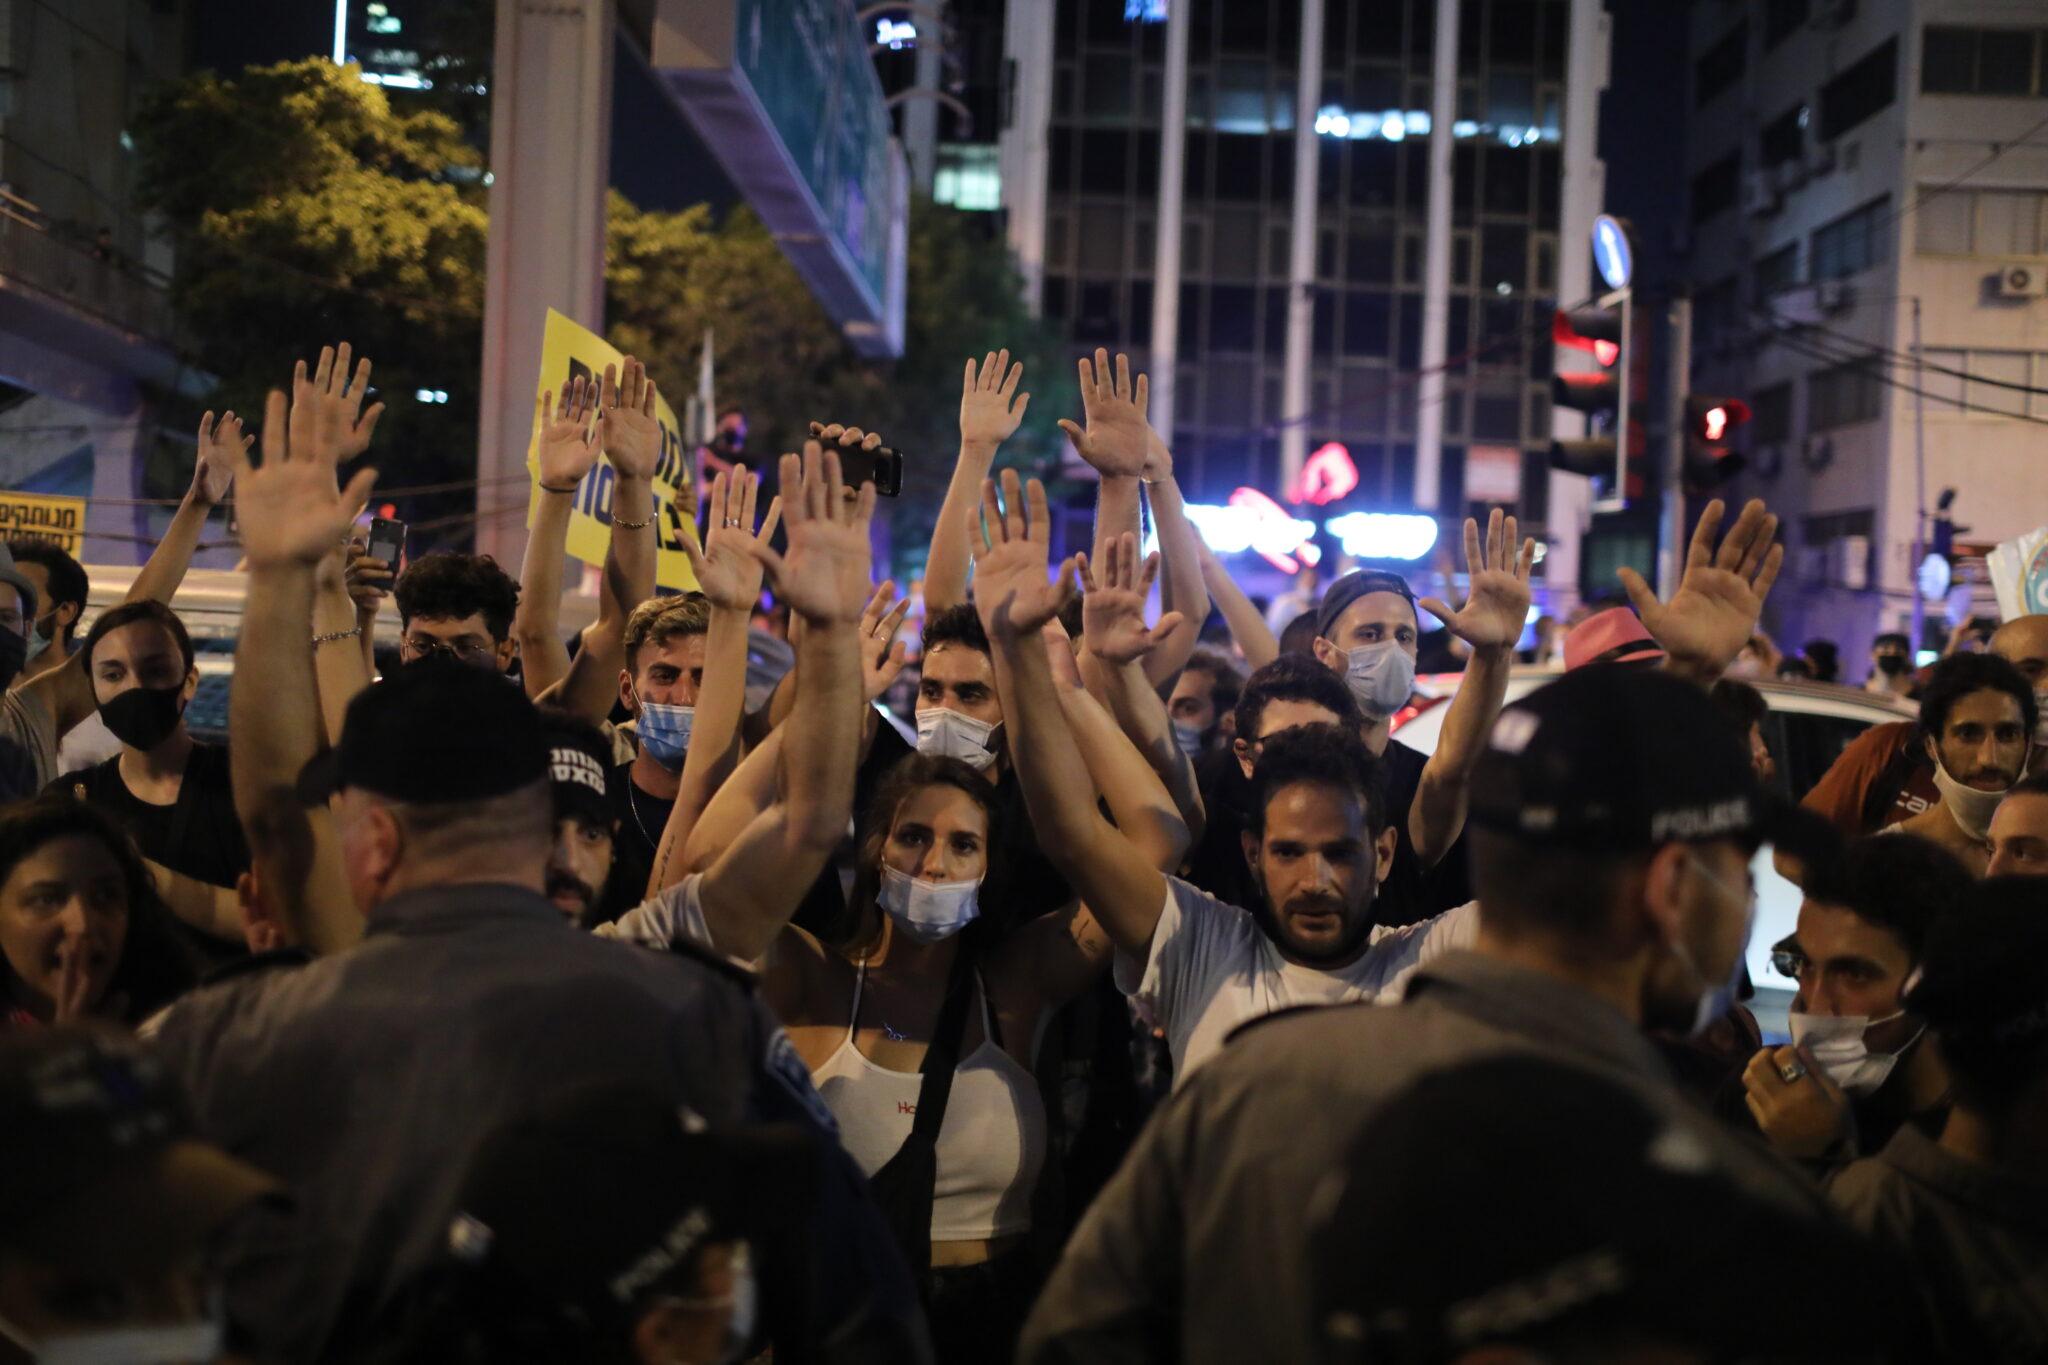 Izrael: protest przedsiębiorców w Tel Awiwie w Izraelu. Wielu firmom grozi upadek z powodu lockdownu związanego z pandemią koronawirusa, fot. EPA / ABIR SULTAN